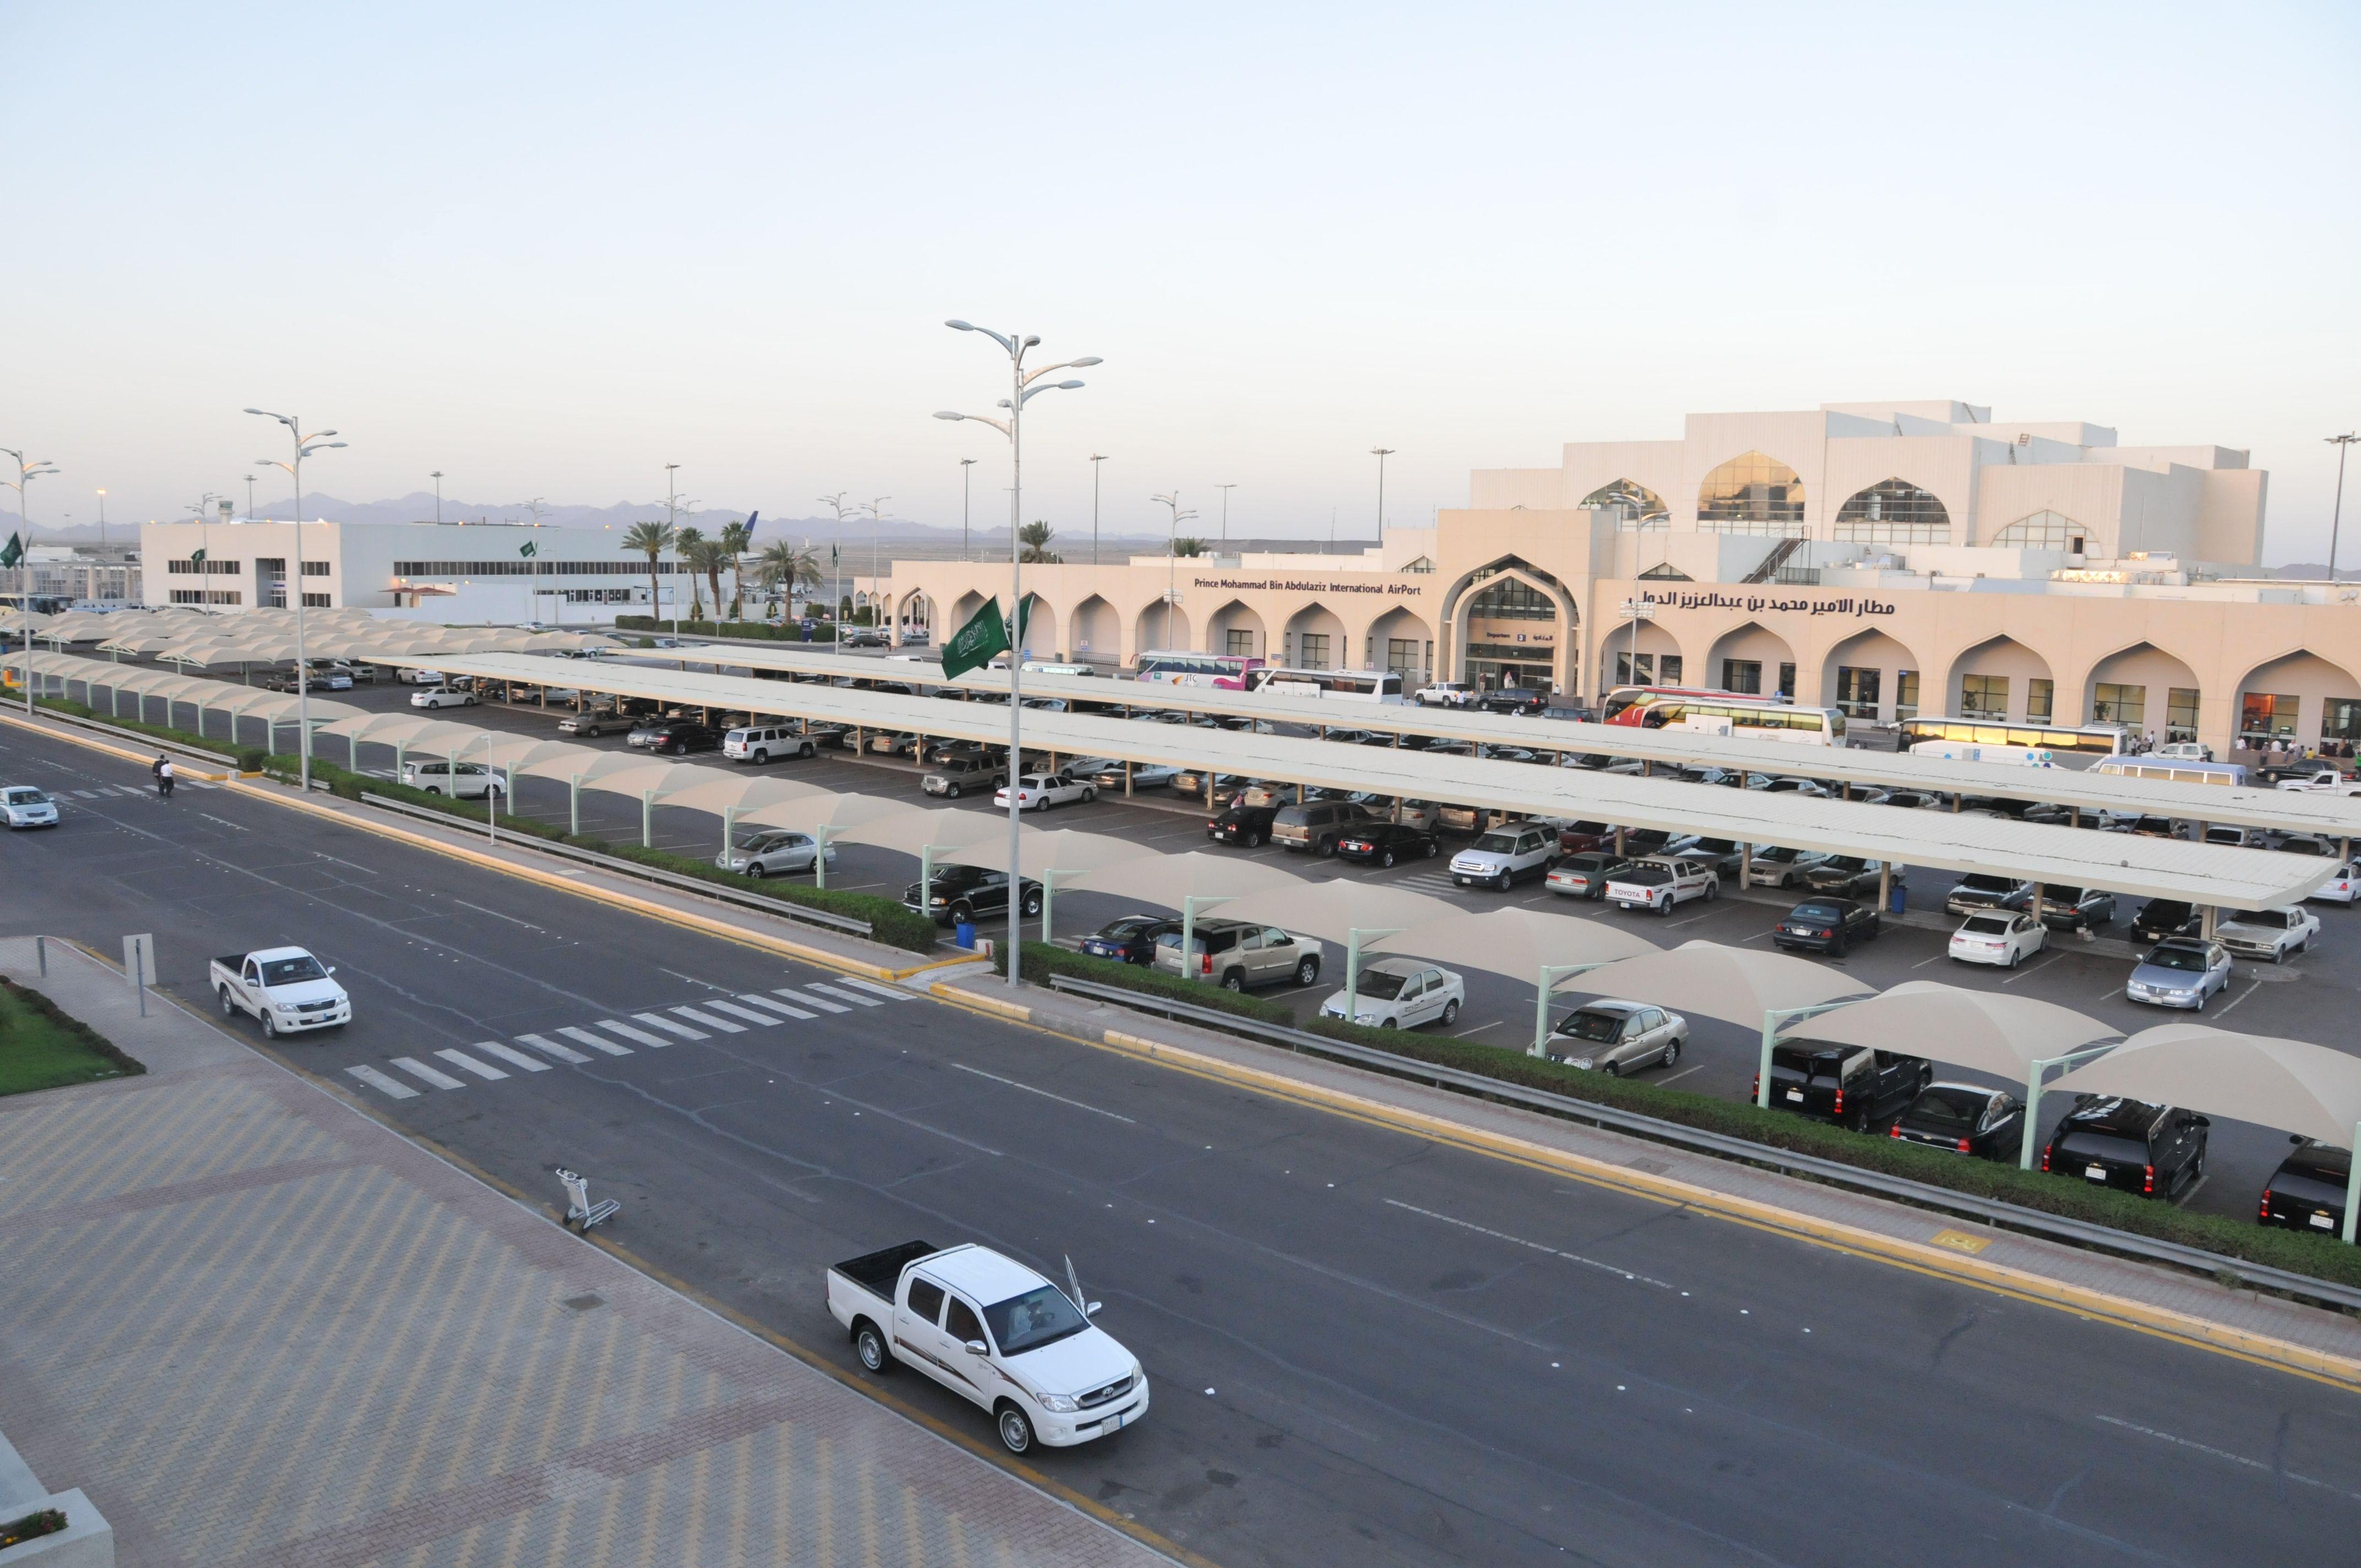 Prince Mohammad Bin Abdulaziz Airport Madinah Airport